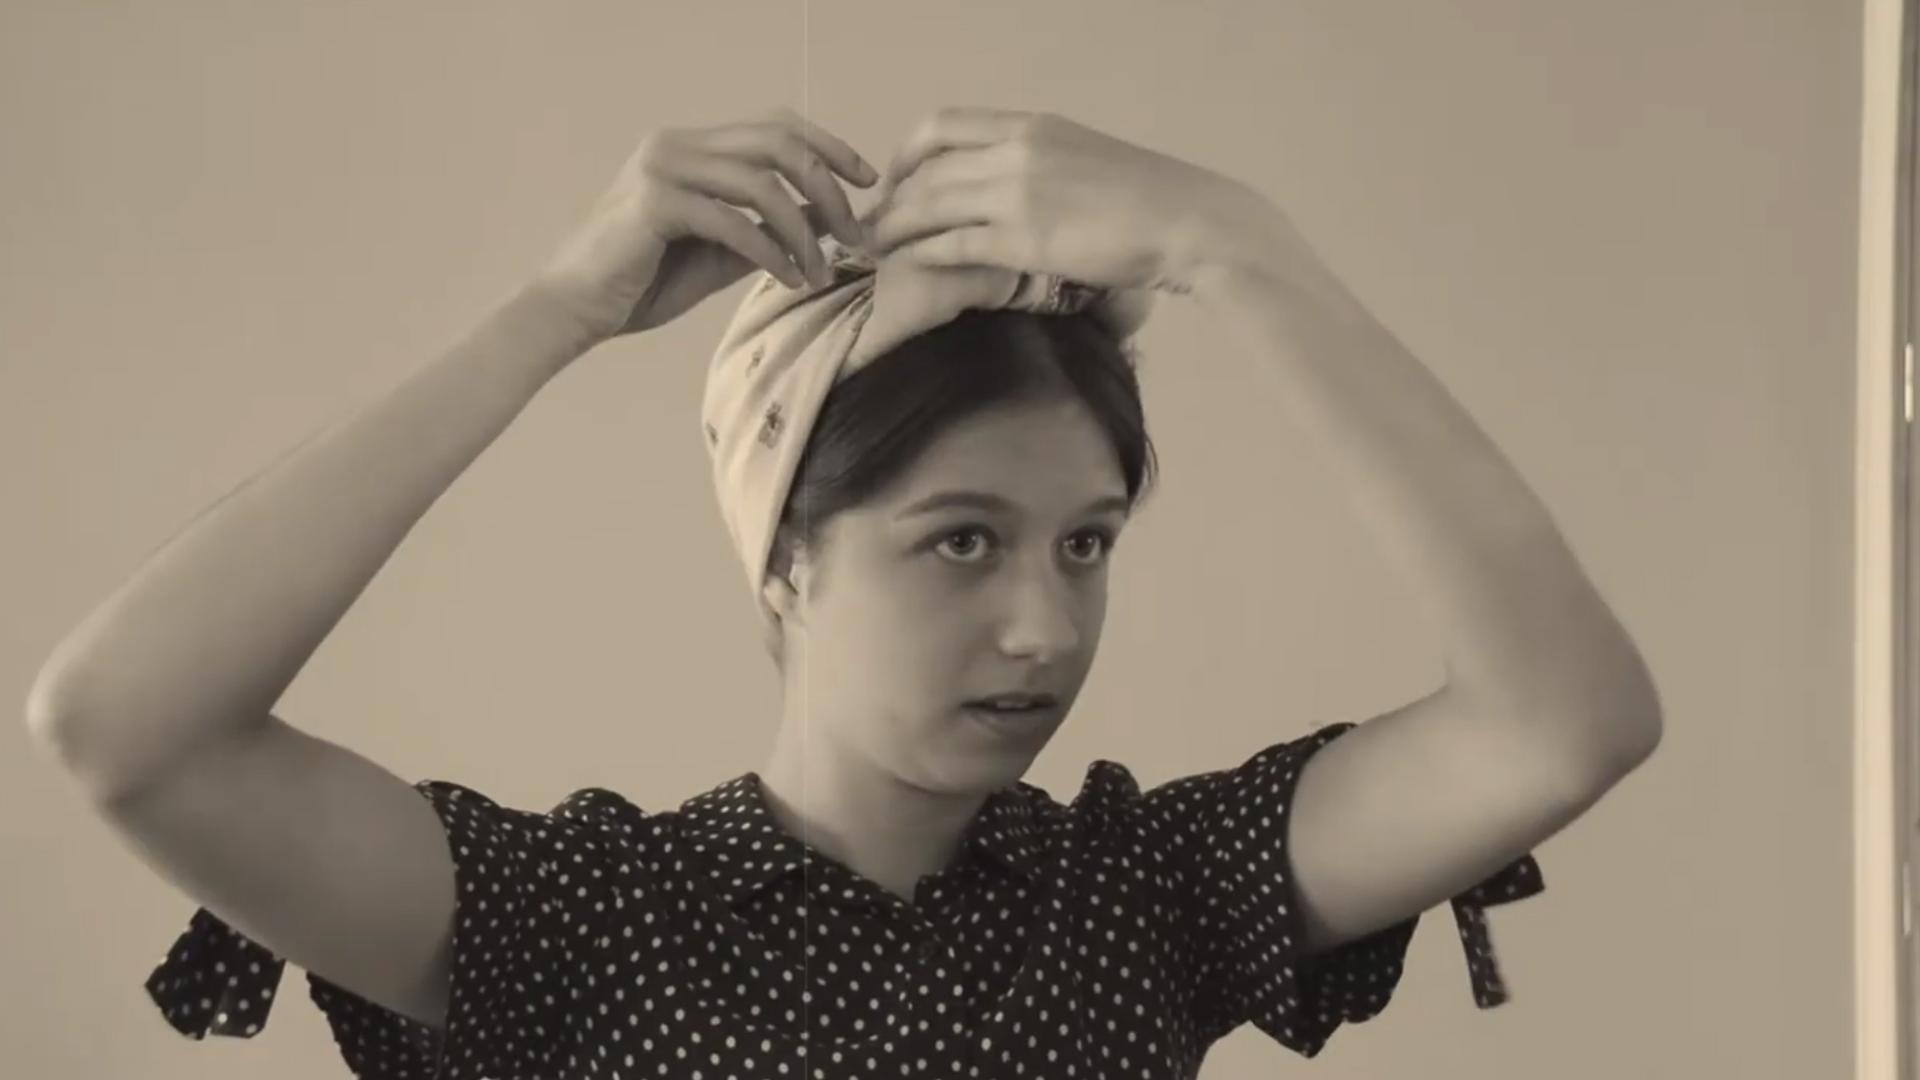 Kinga i Oliwia promują fryzury z lat czterdziestych XX wieku. Wróci moda?